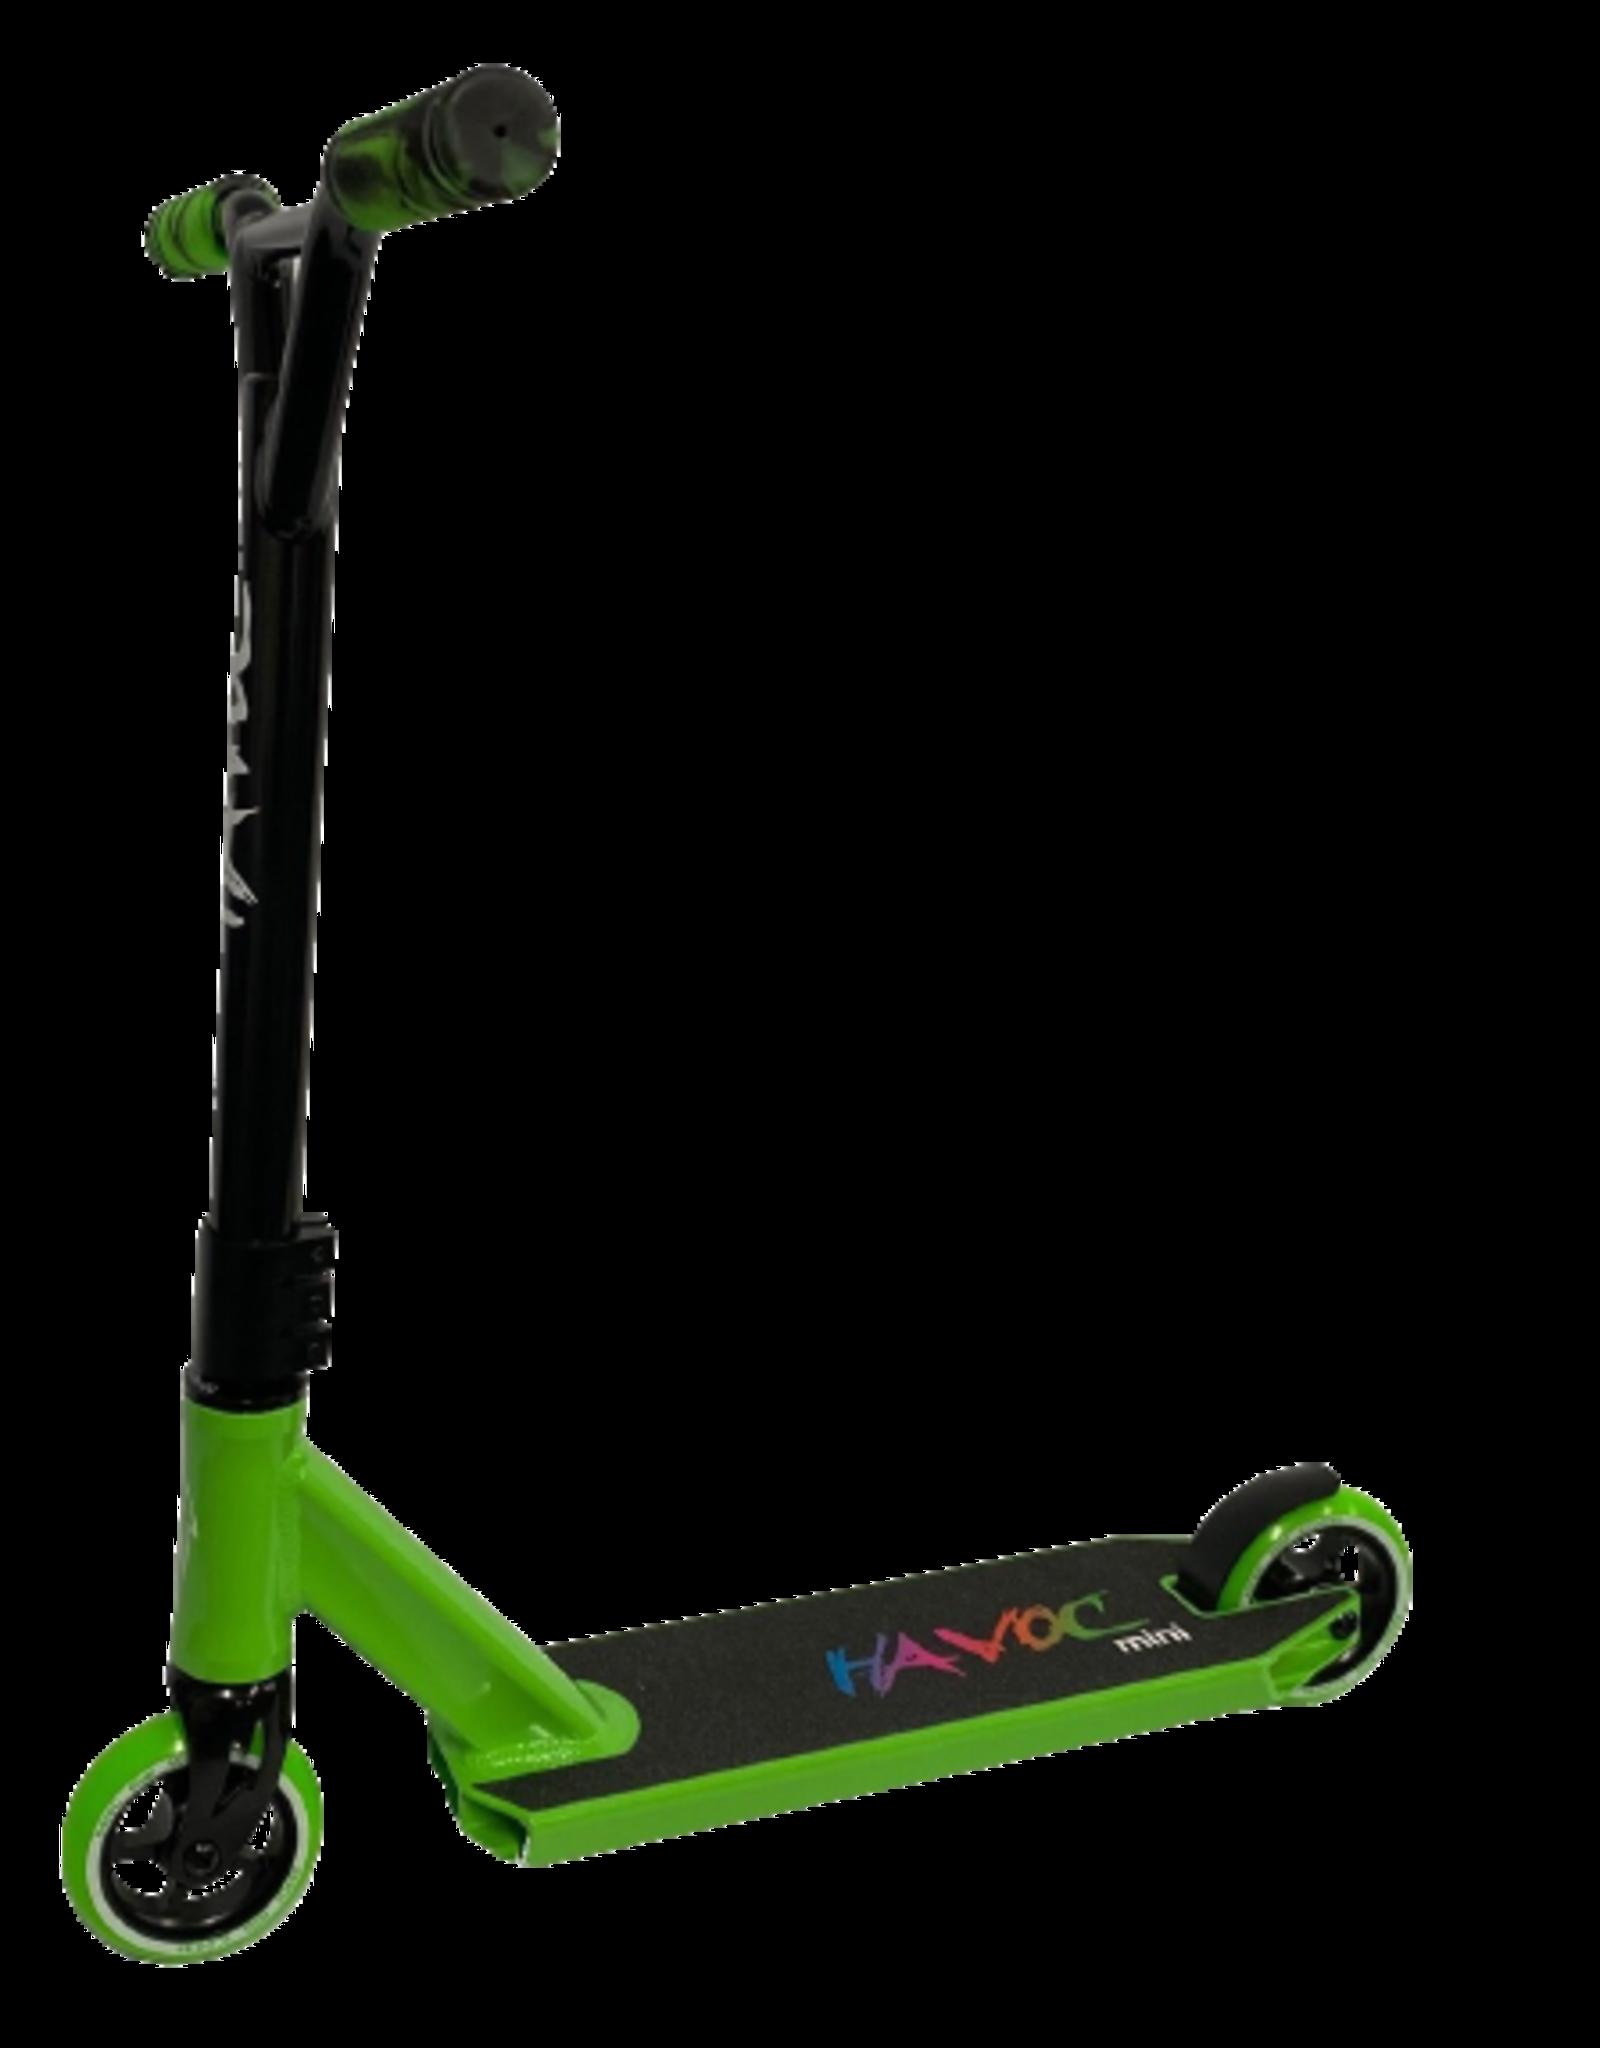 Havoc Mini - Green